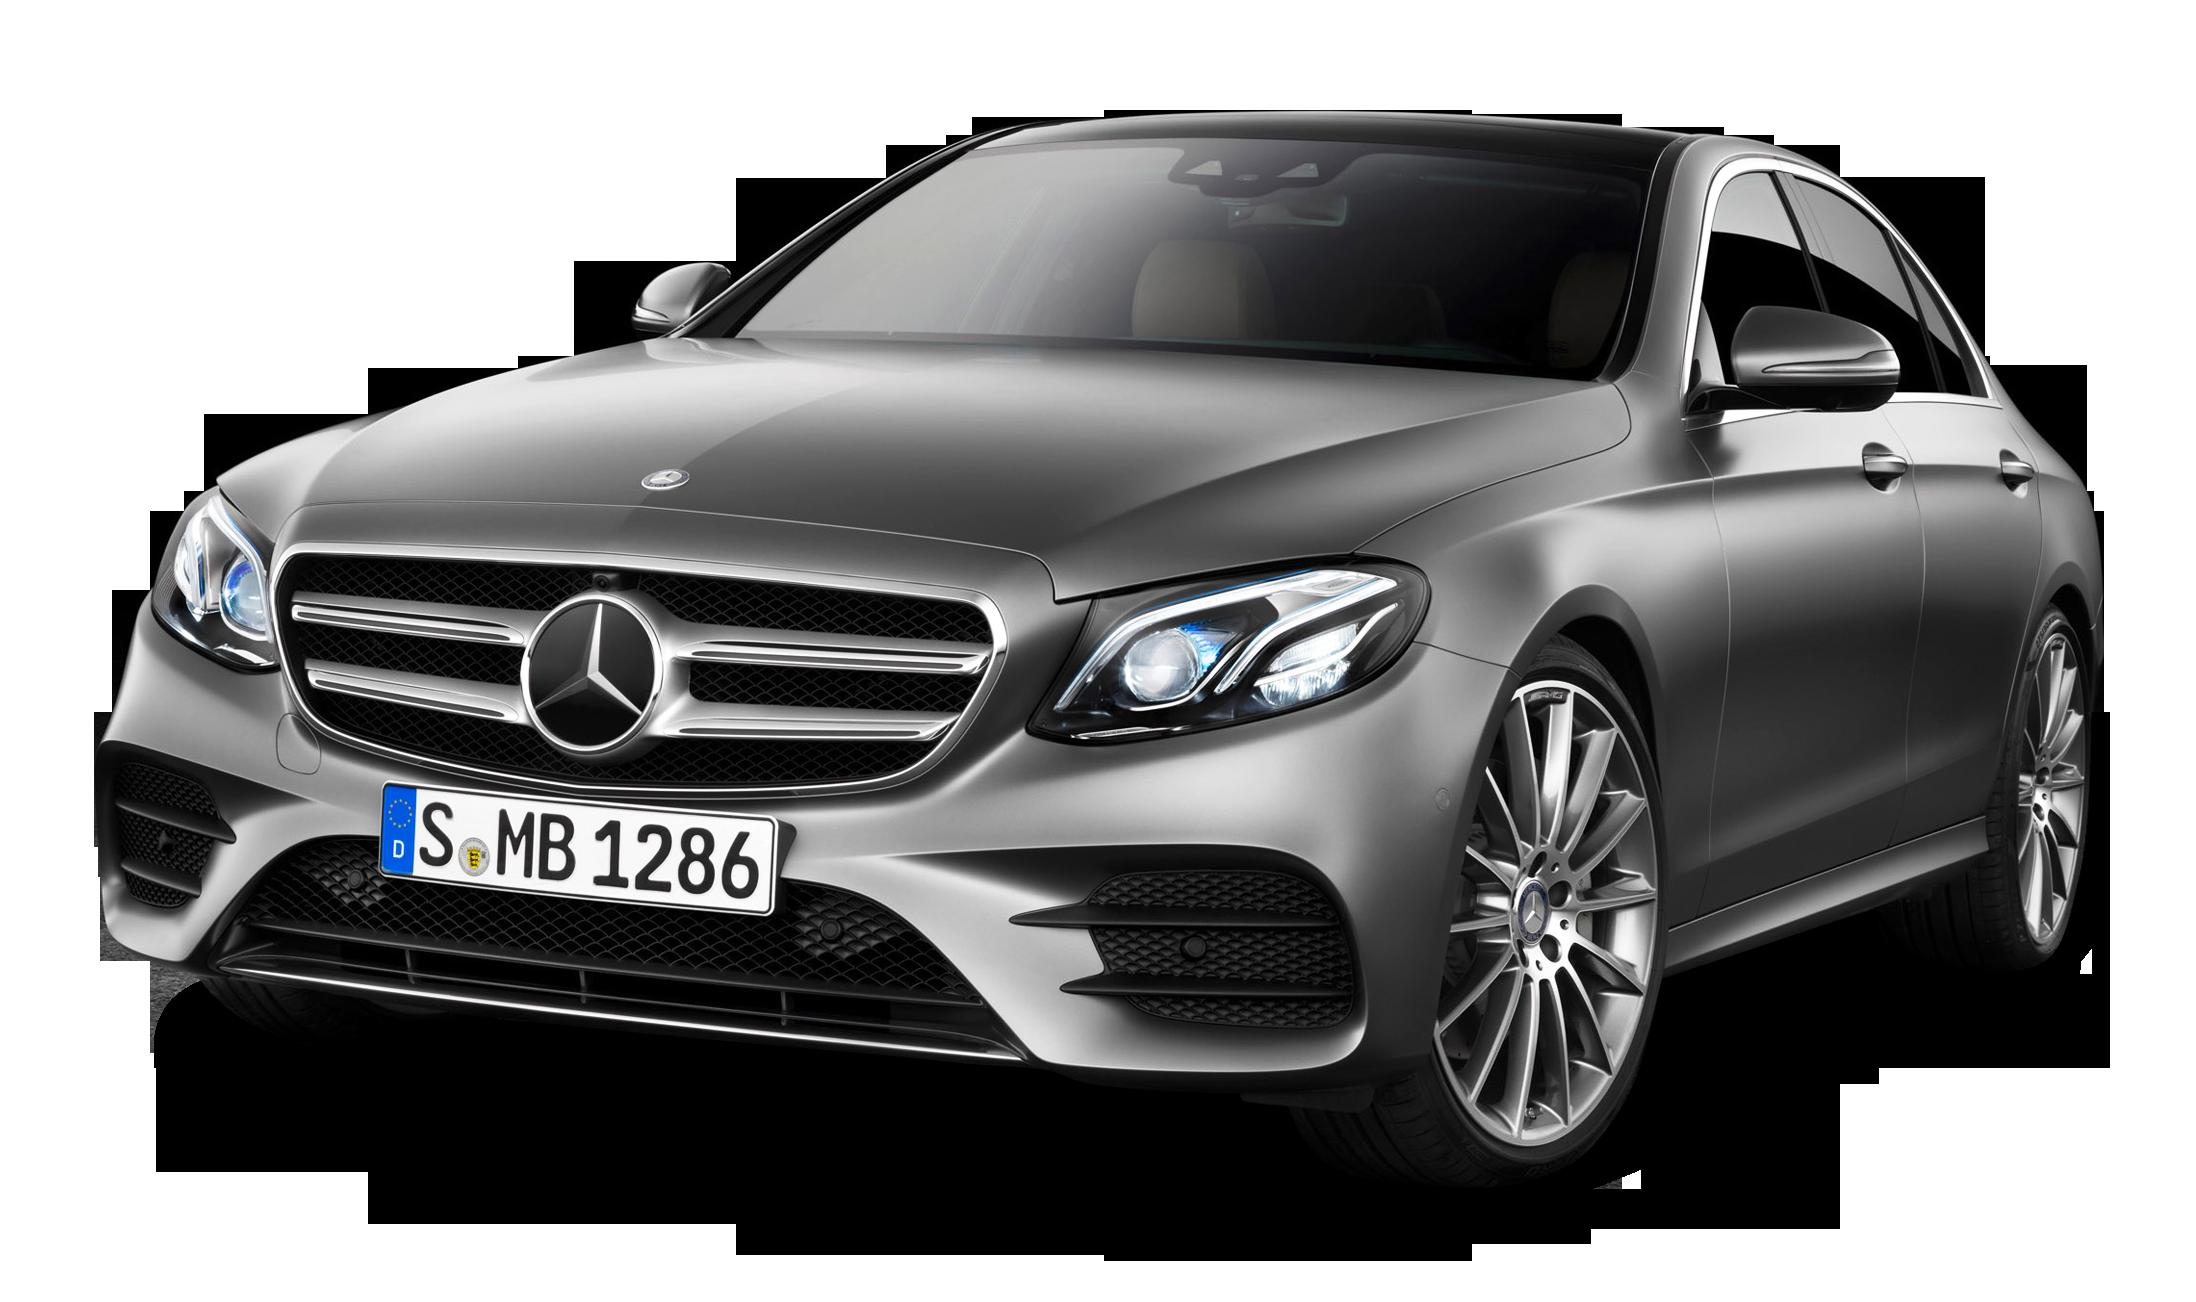 Grey Mercedes Benz E class Car PNG Image - Mercedes PNG